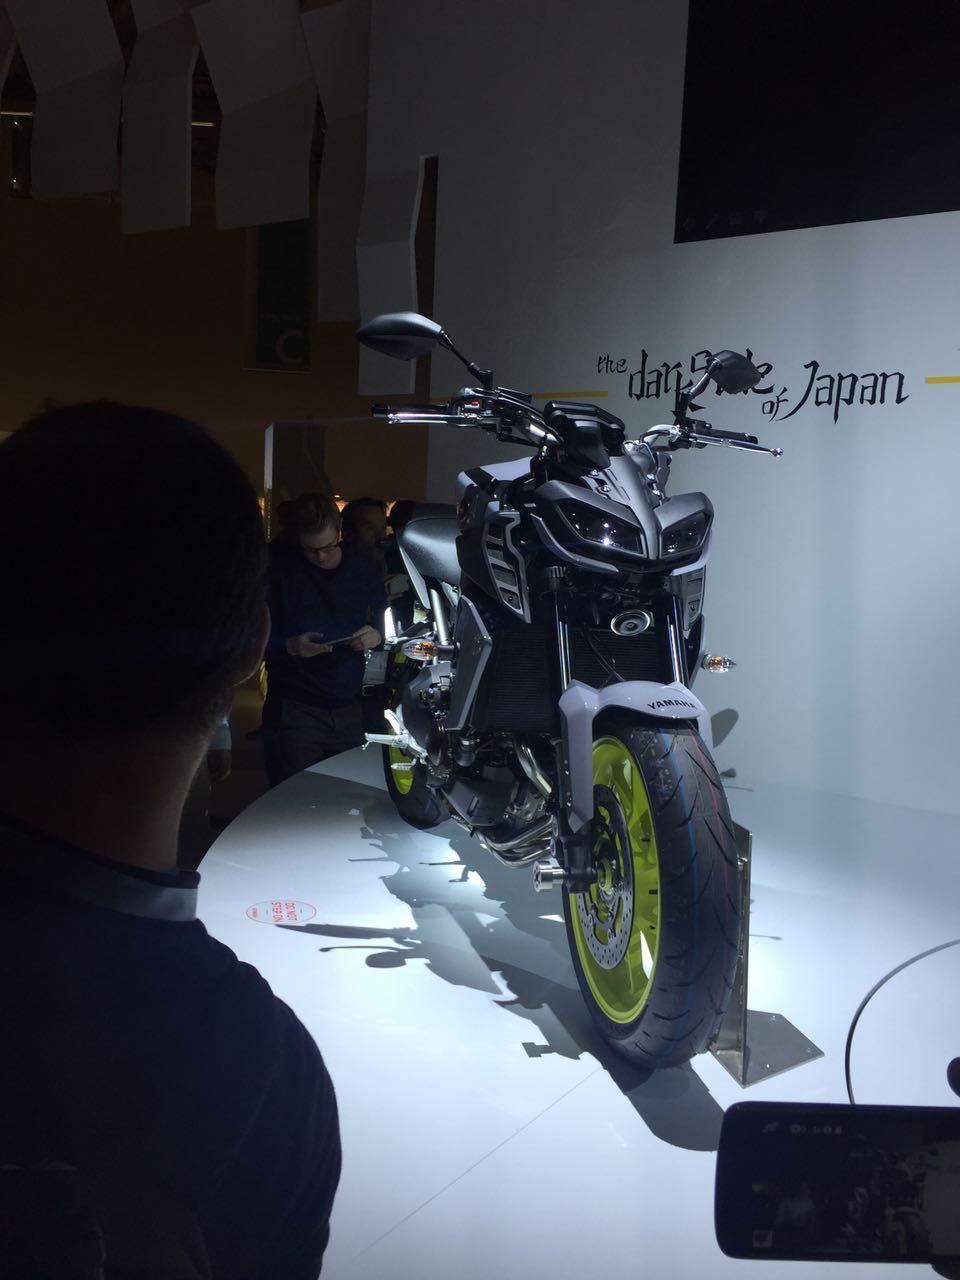 Yeni 2017 Yamaha MT-09 - Intermot 2016 5. İçerik Fotoğrafı